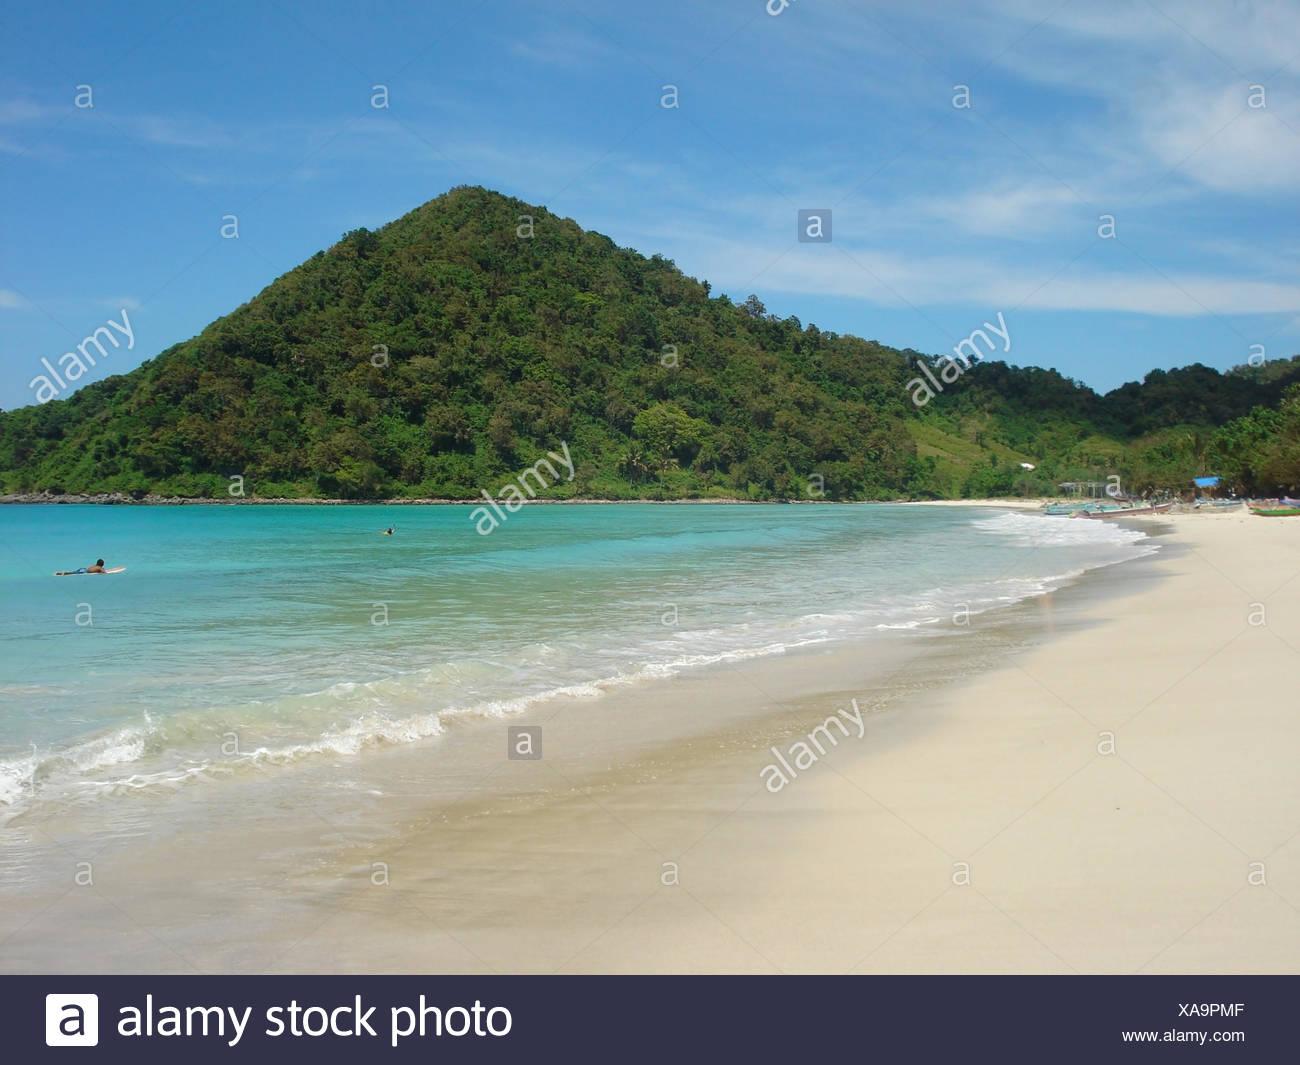 Küste Strand Landschaft auf Bali. eine Insel in Indonesien Stockbild